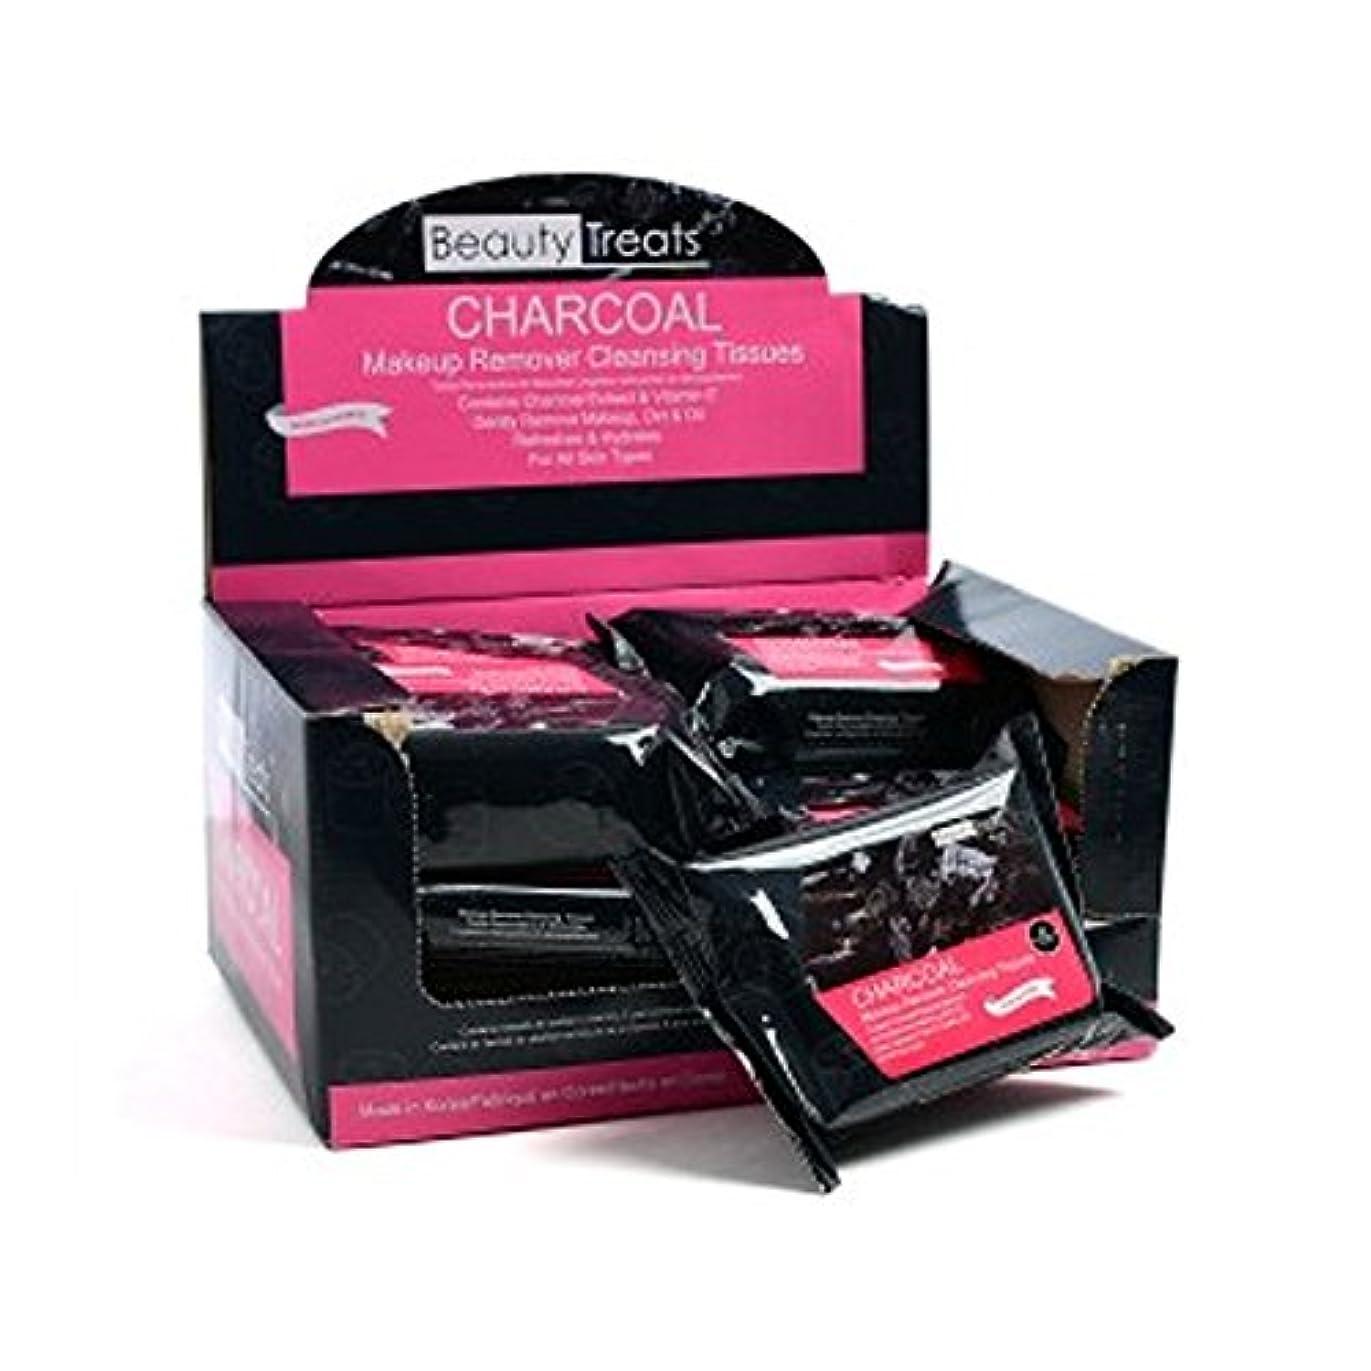 手つかずのベテラン請願者BEAUTY TREATS Charcoal Makeup Remover Cleaning Tissues Display Set, 12 Pieces (並行輸入品)